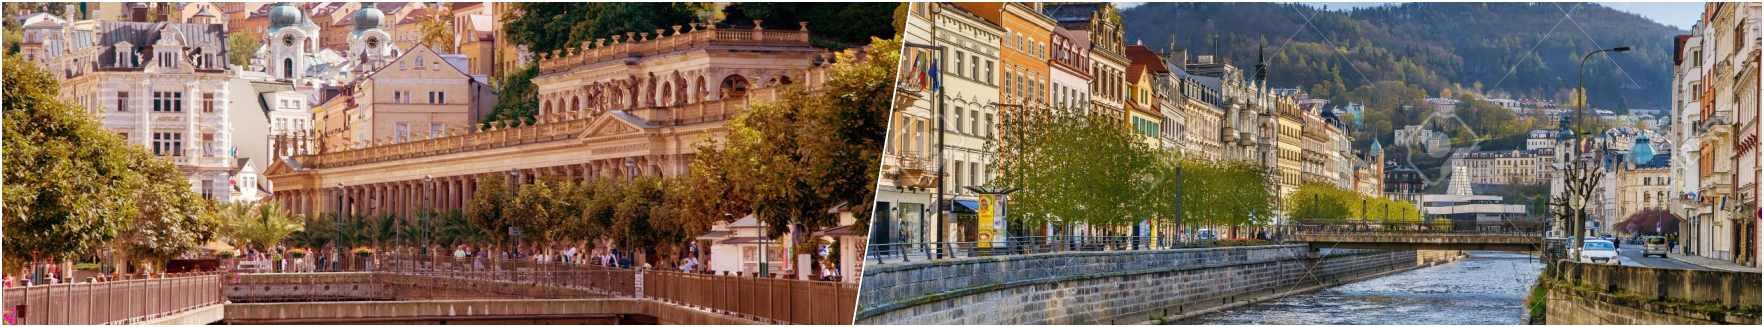 Karlovy Vary - Tepla River